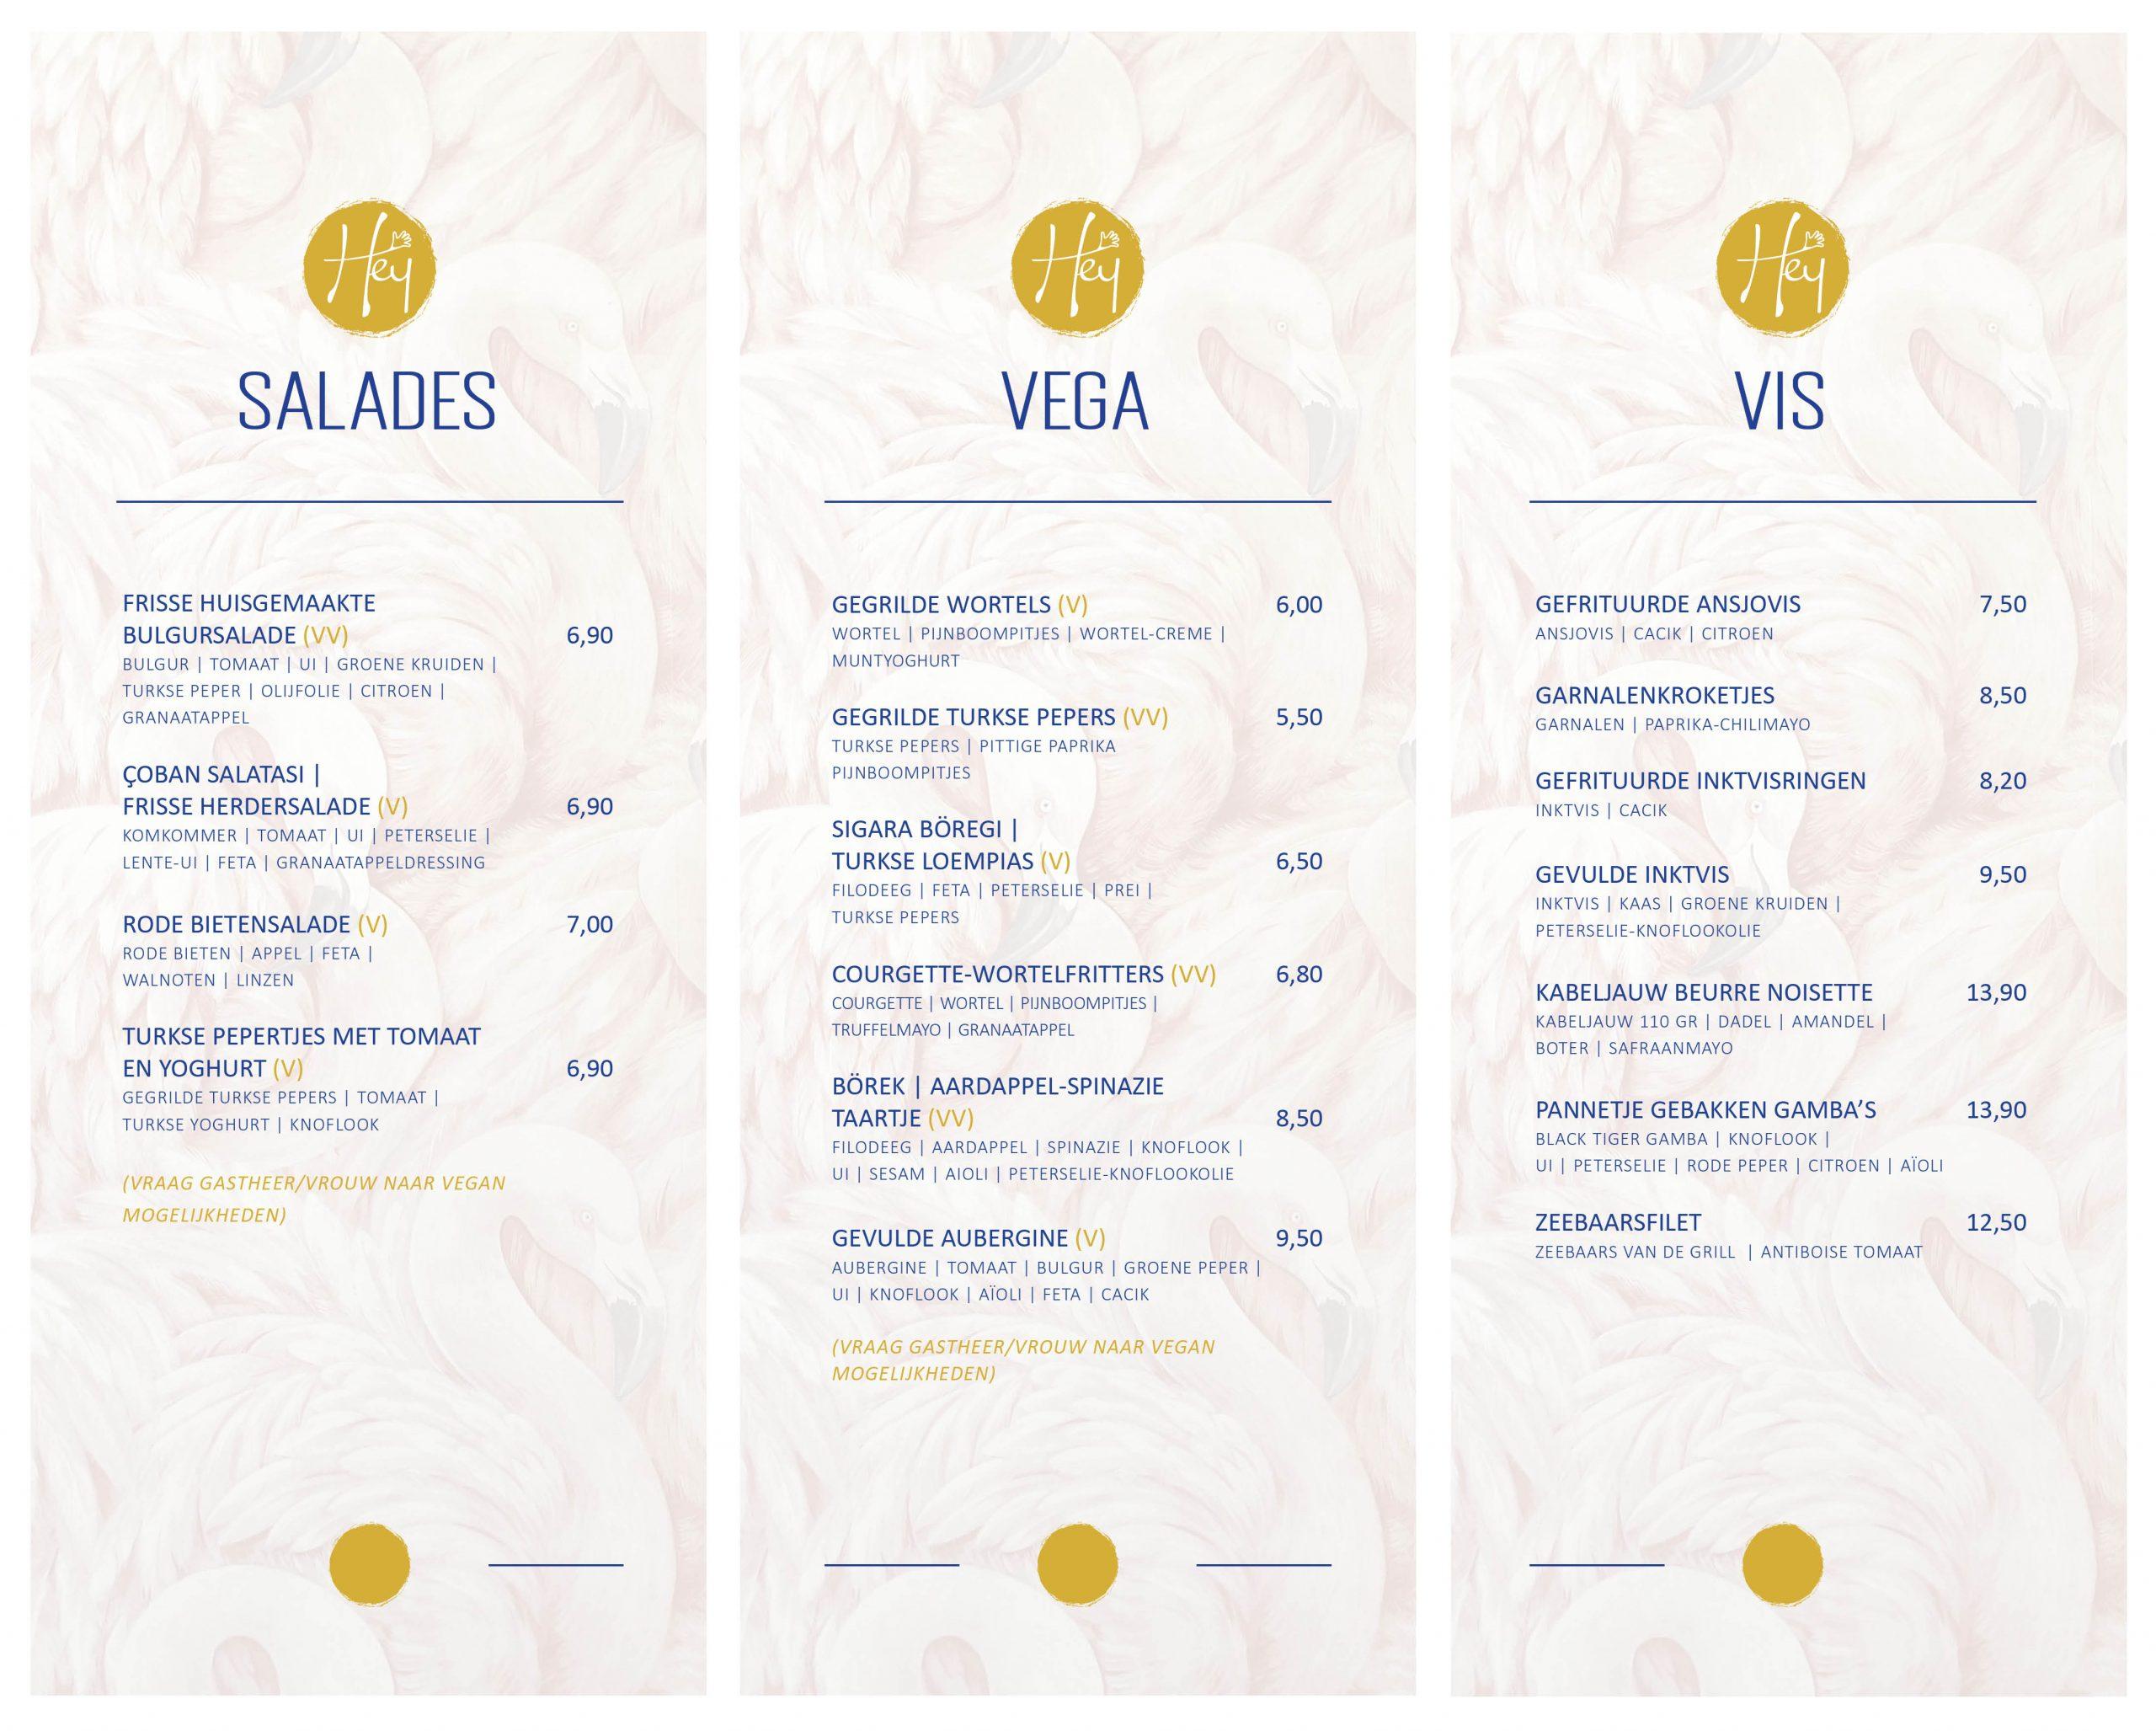 Bekijk de menukaart van Hey-Days Restaurant Eindhoven